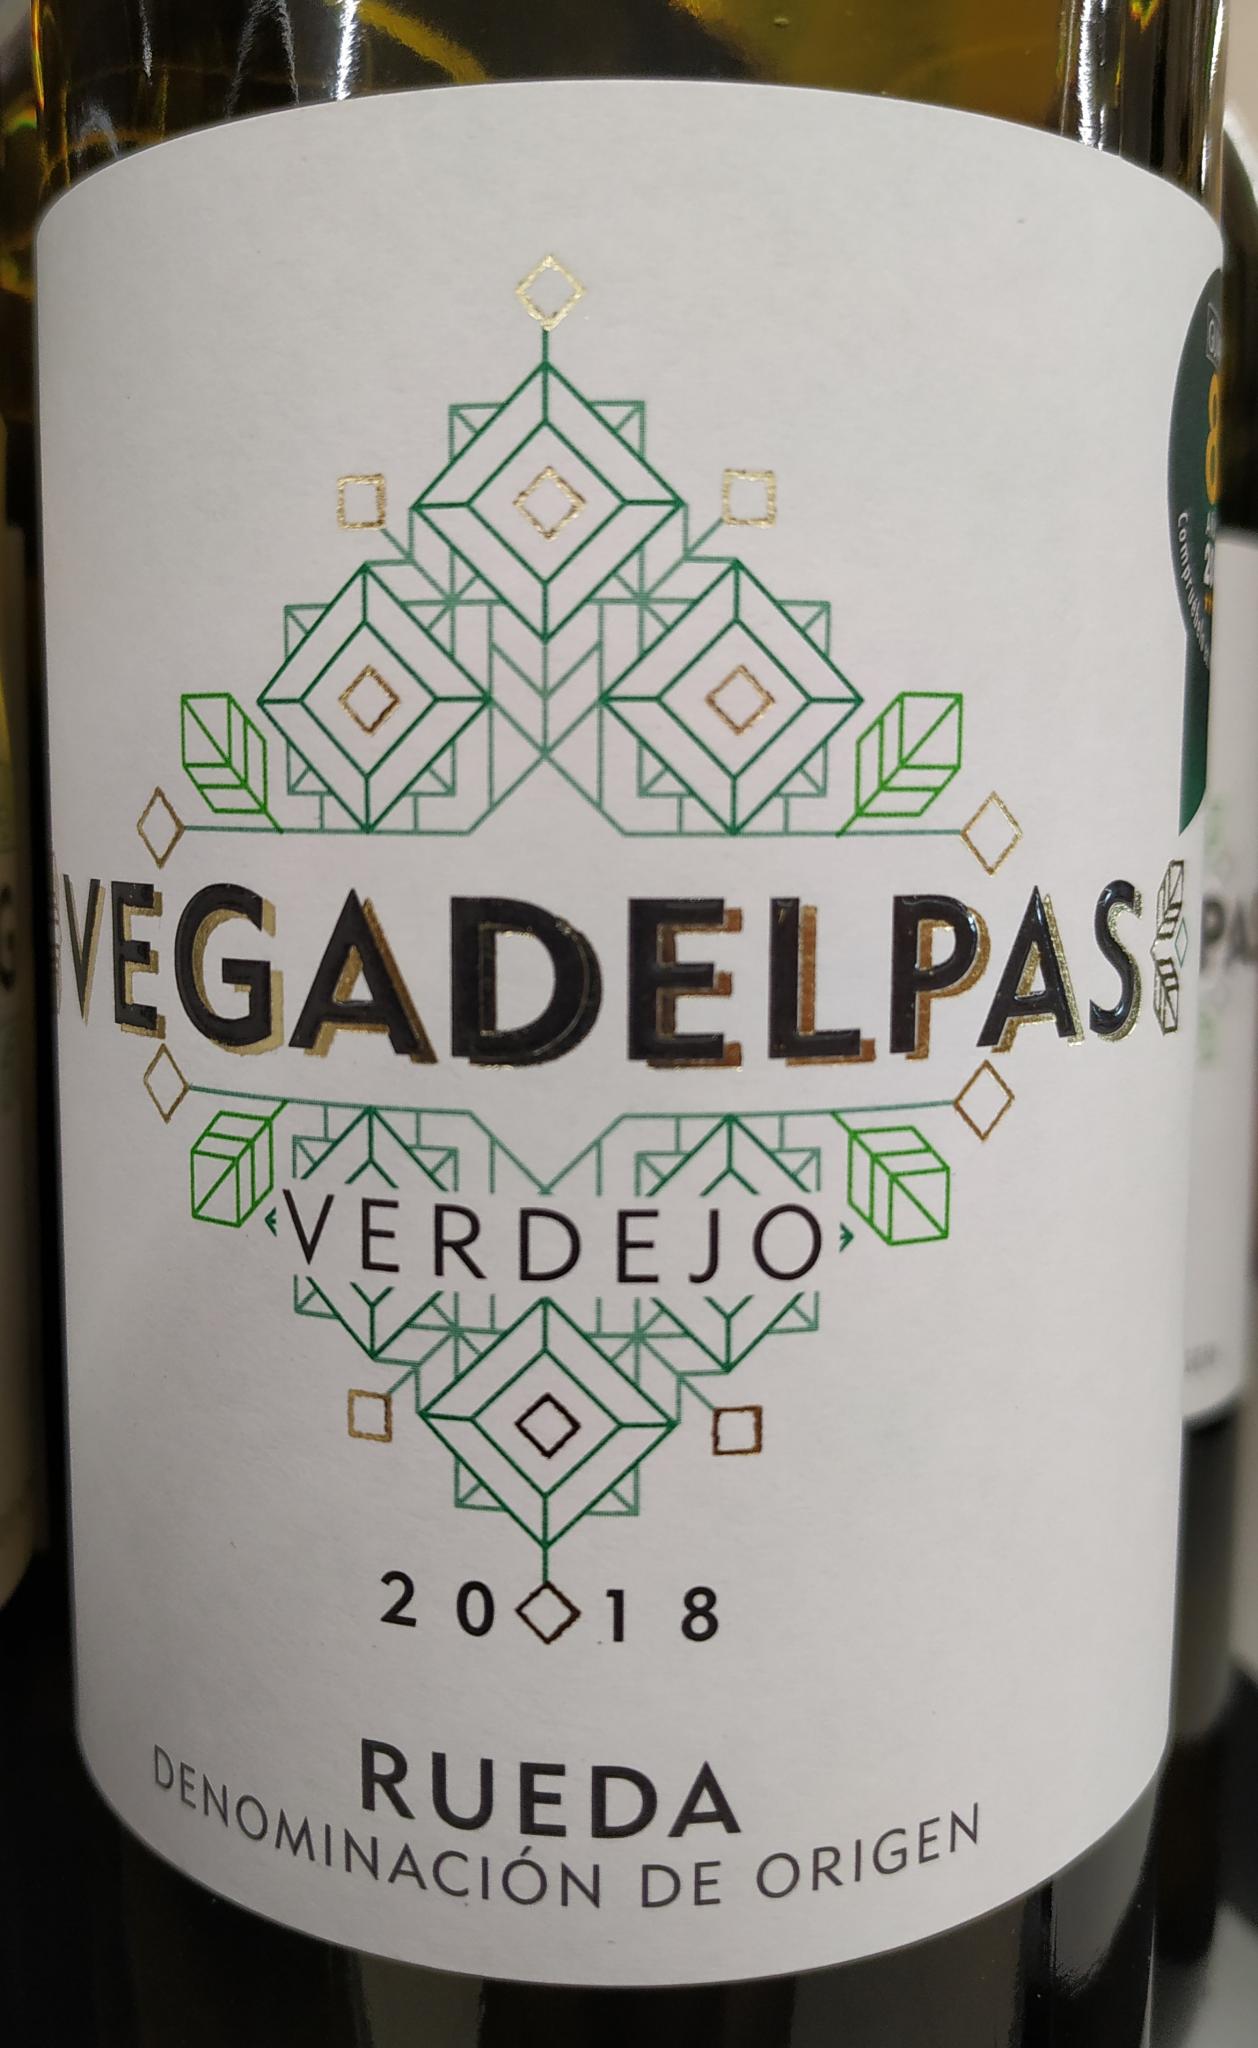 Vega del Pas Verdejo